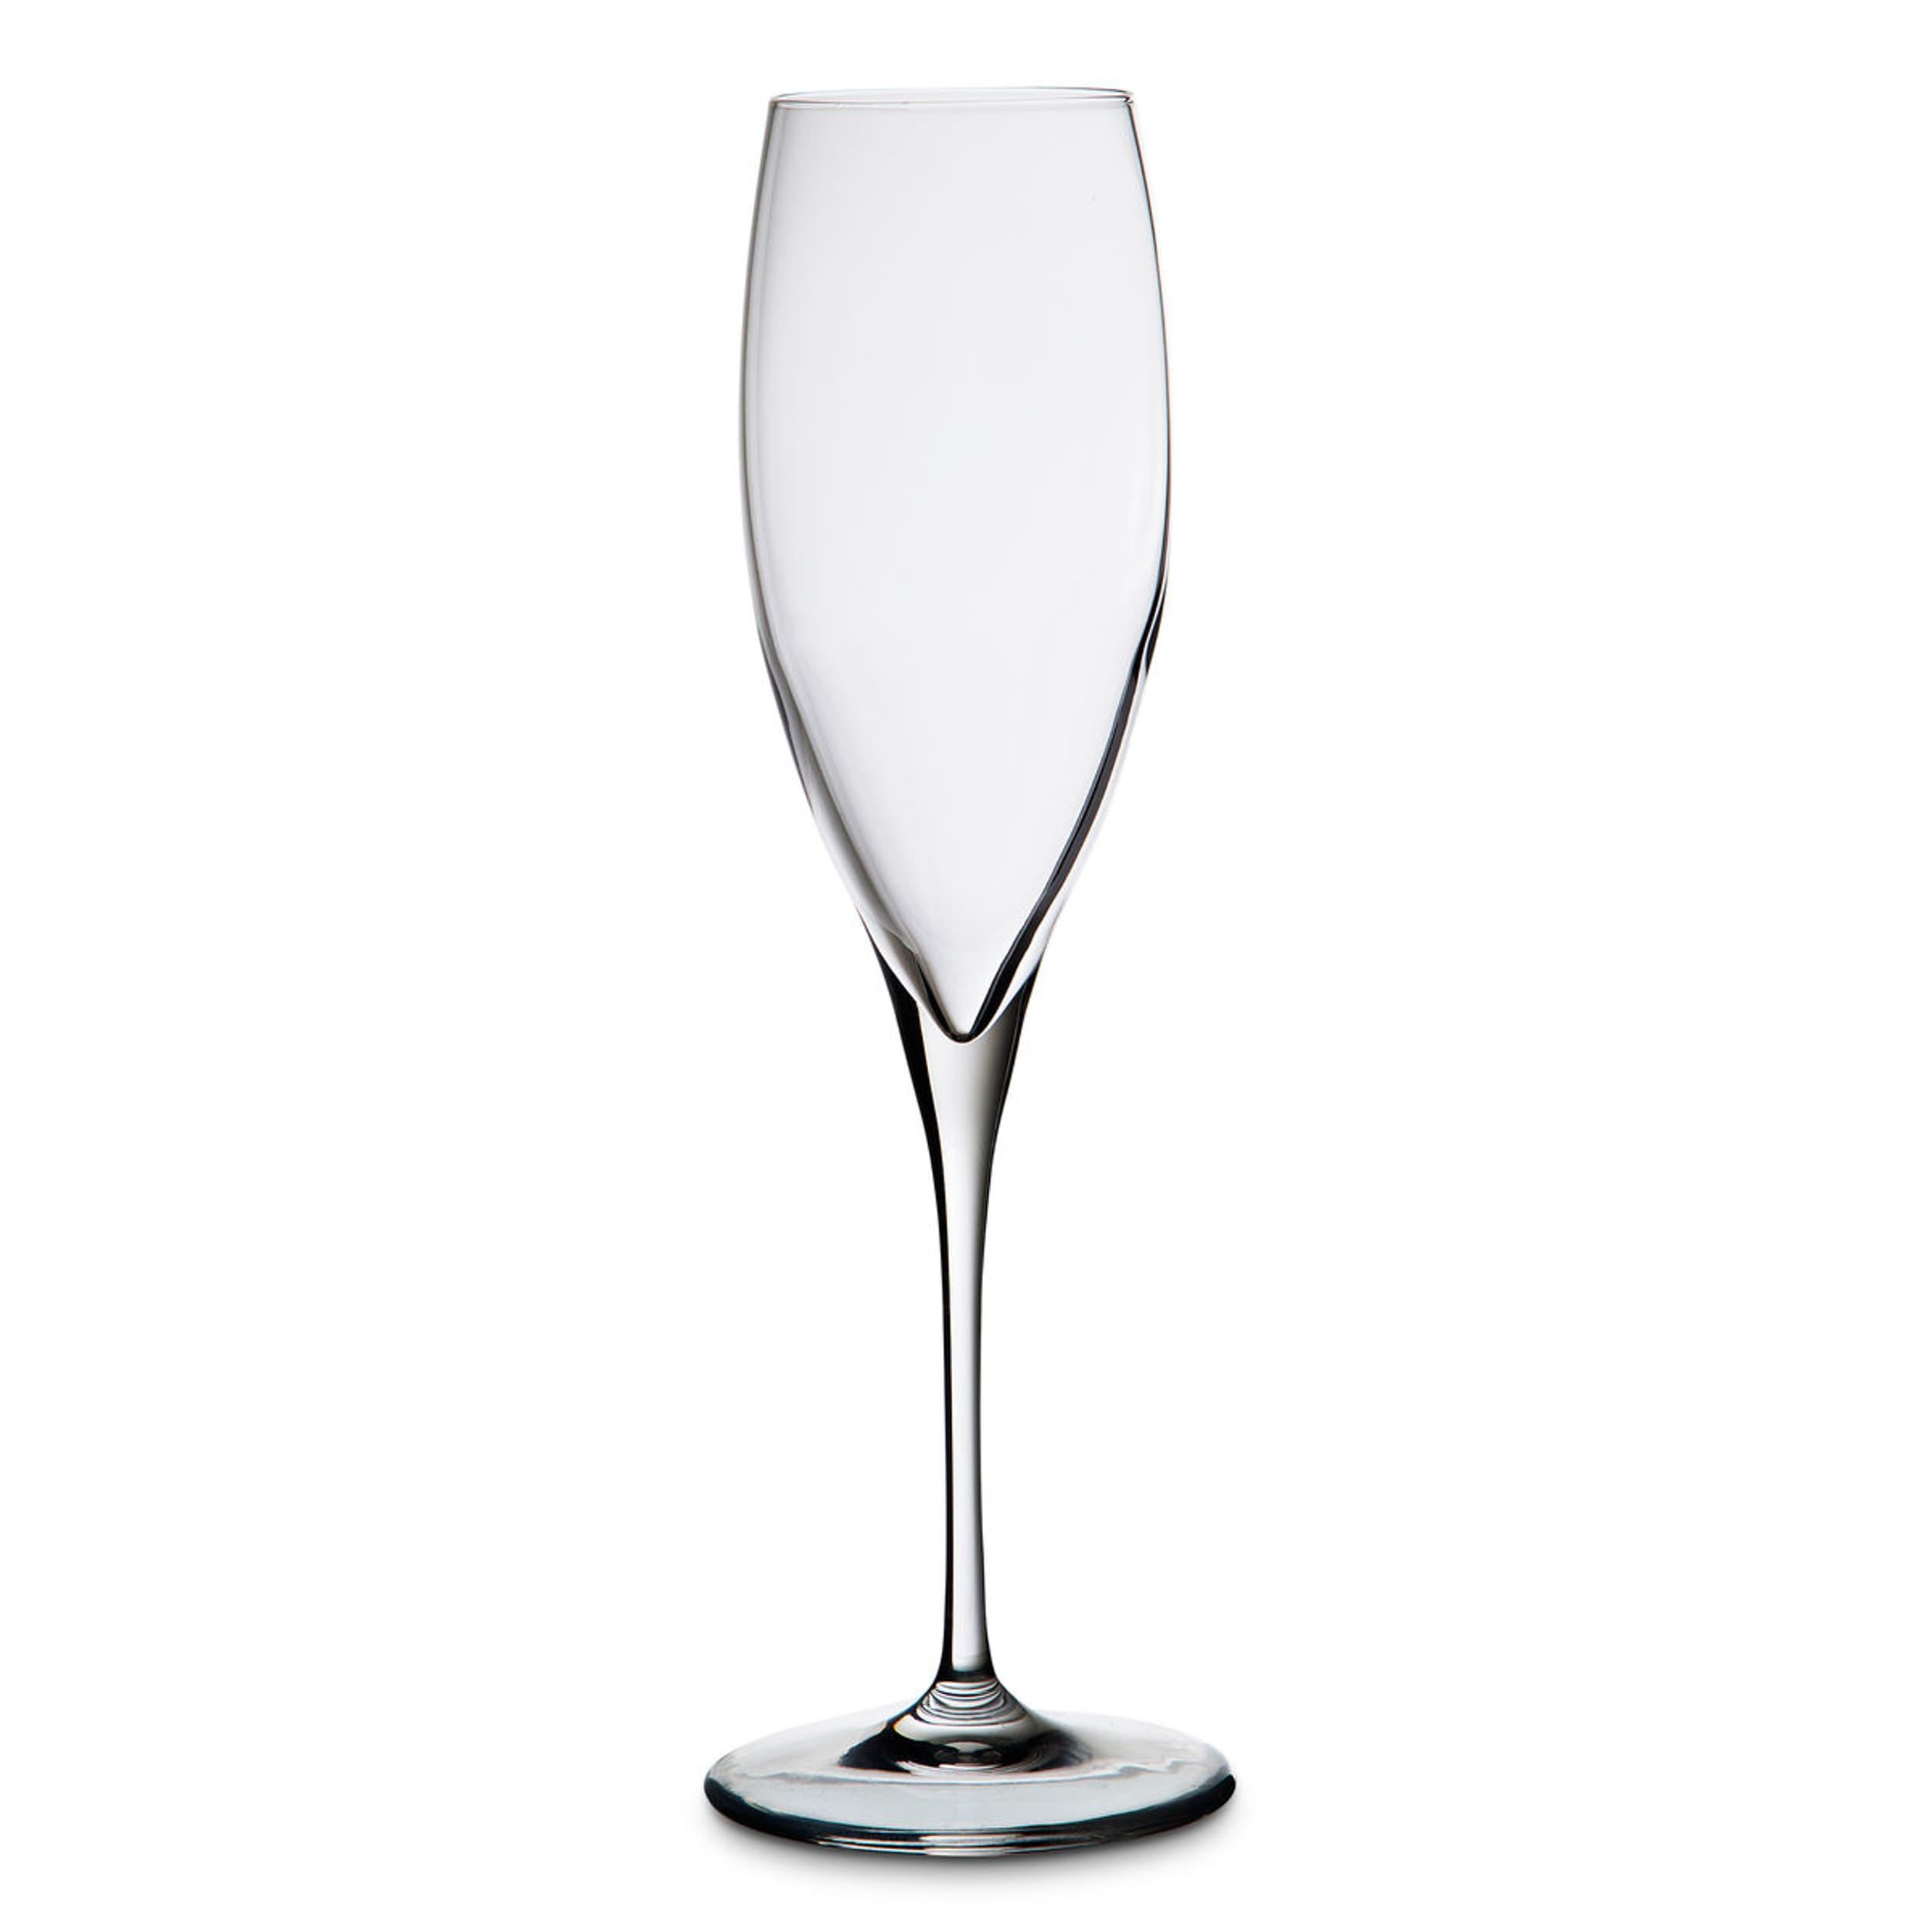 Image of Champagnerglas PREMIUM